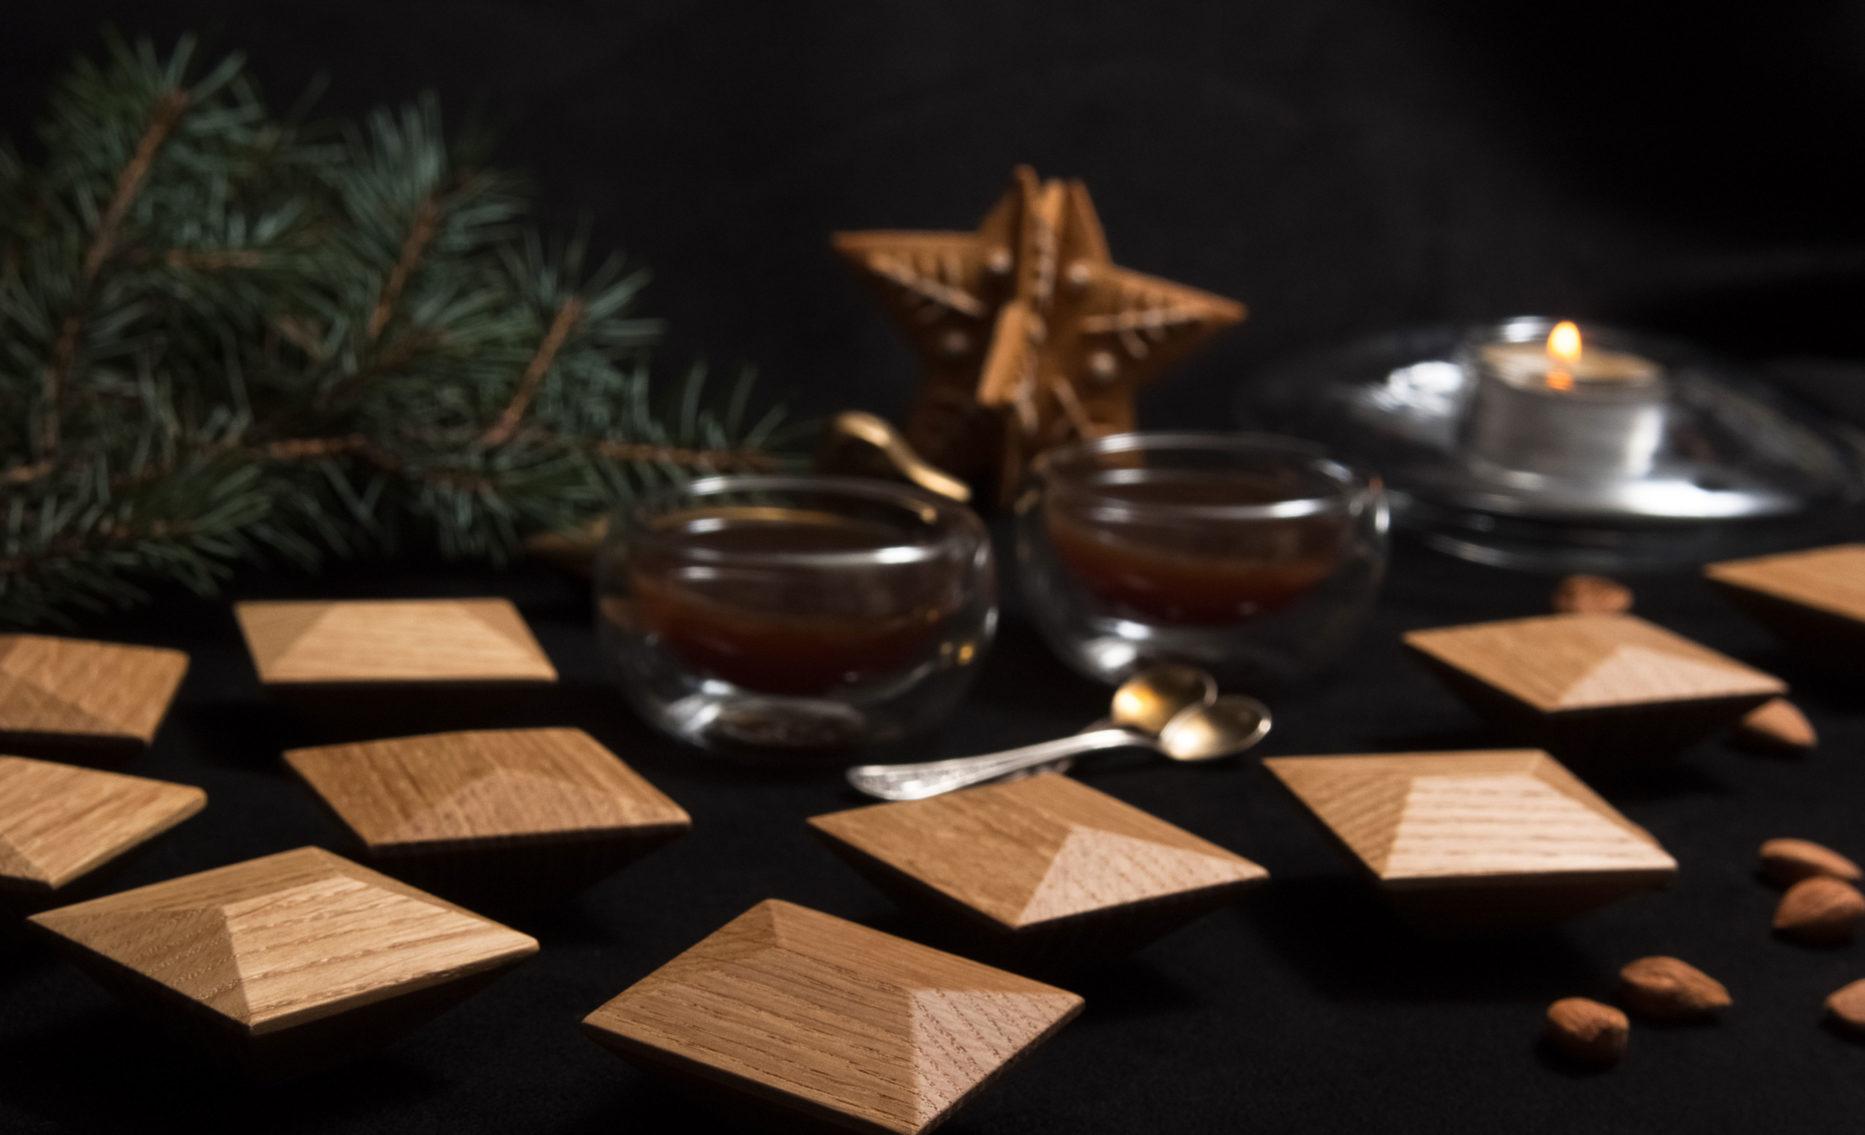 Uchwyty do mebli MANILA w świątecznej aranżacji - DOT manufacture